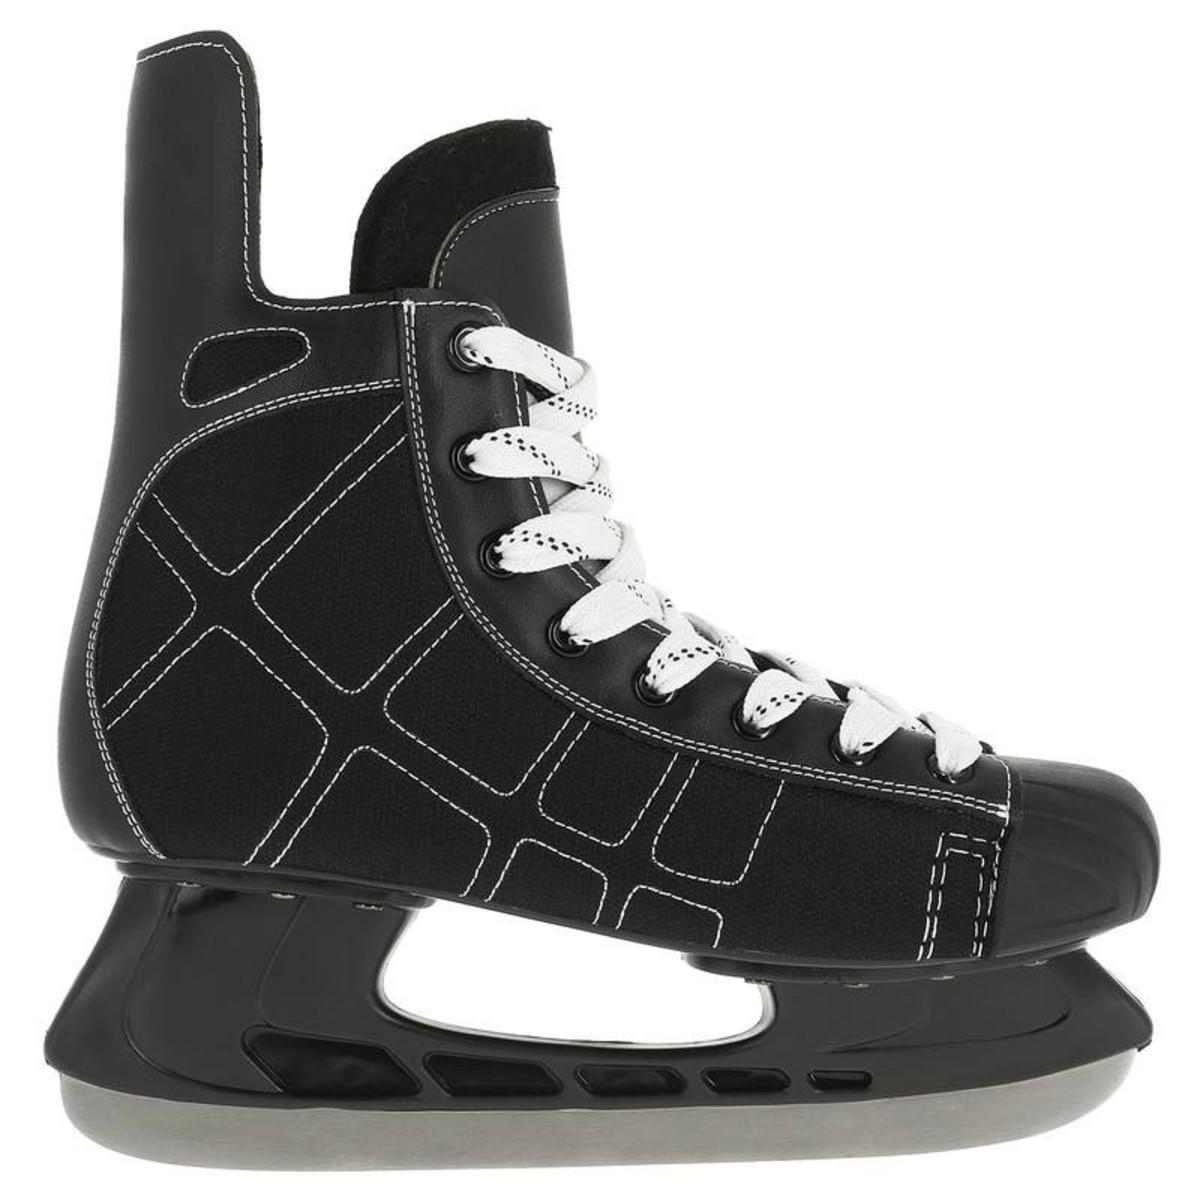 Bild 2 von OXELO Eishockey-Schlittschuhe Zero Erwachsene schwarz, Größe: 38